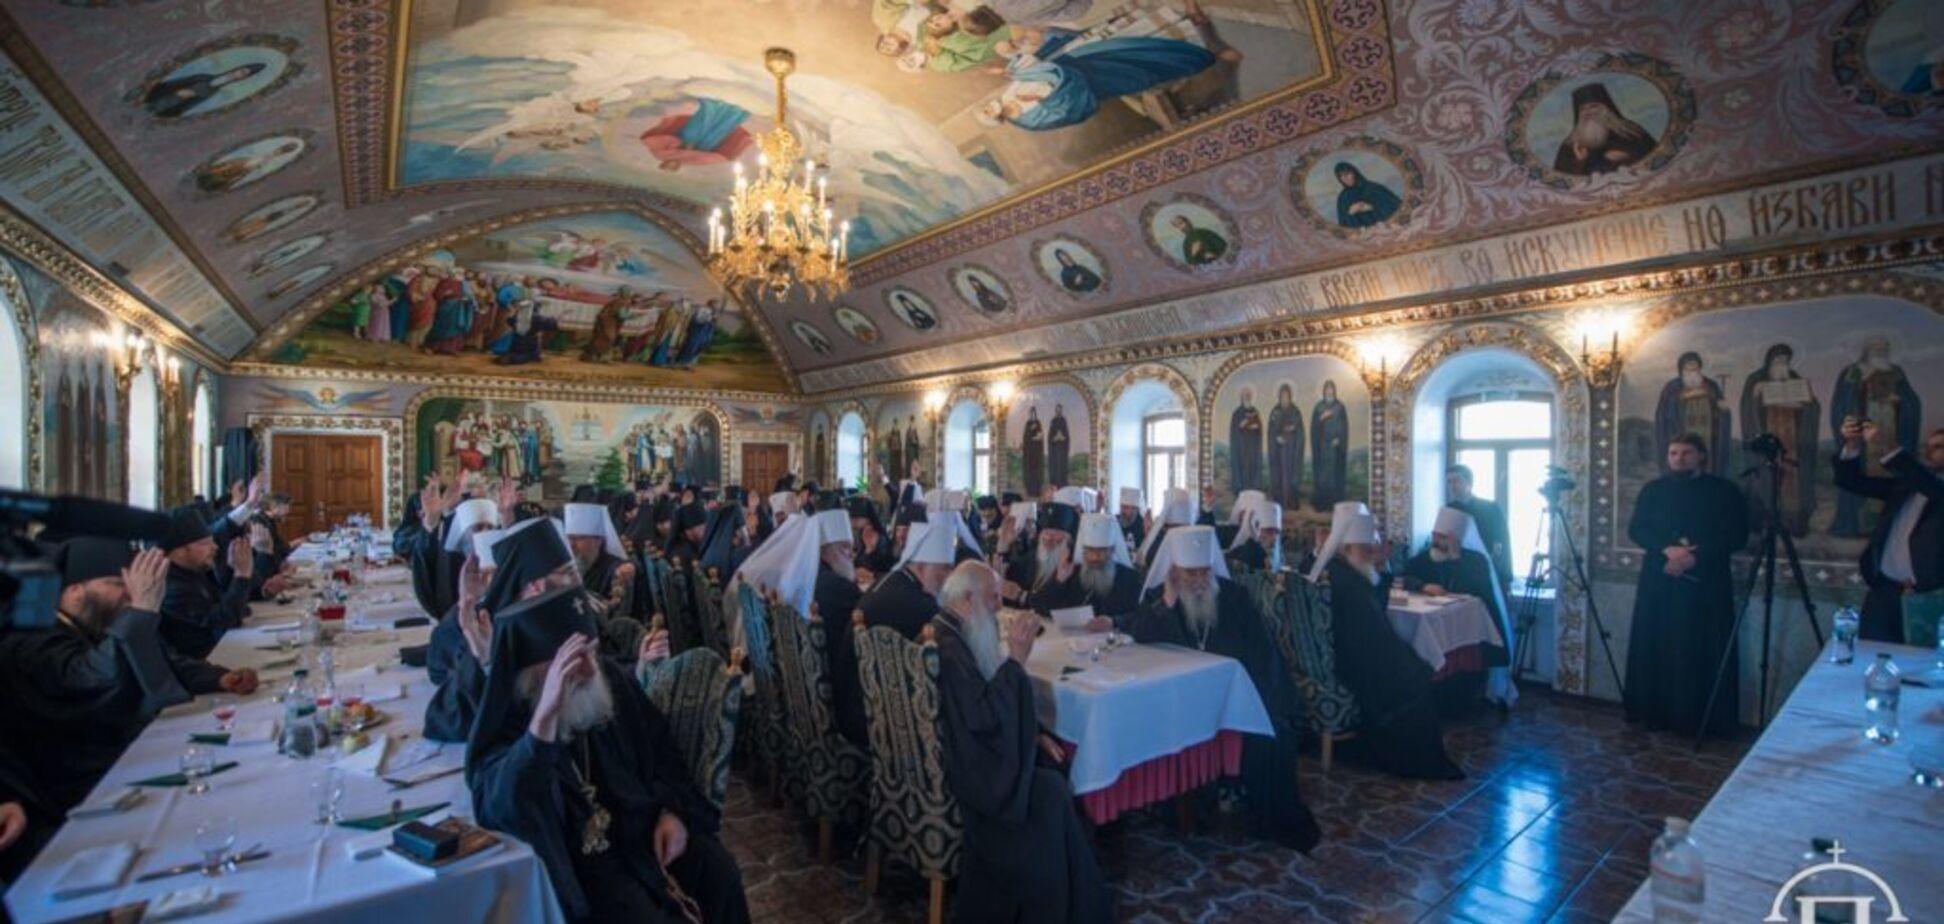 Єдина церква в Україні: озвучено прогноз щодо виборів патріарха